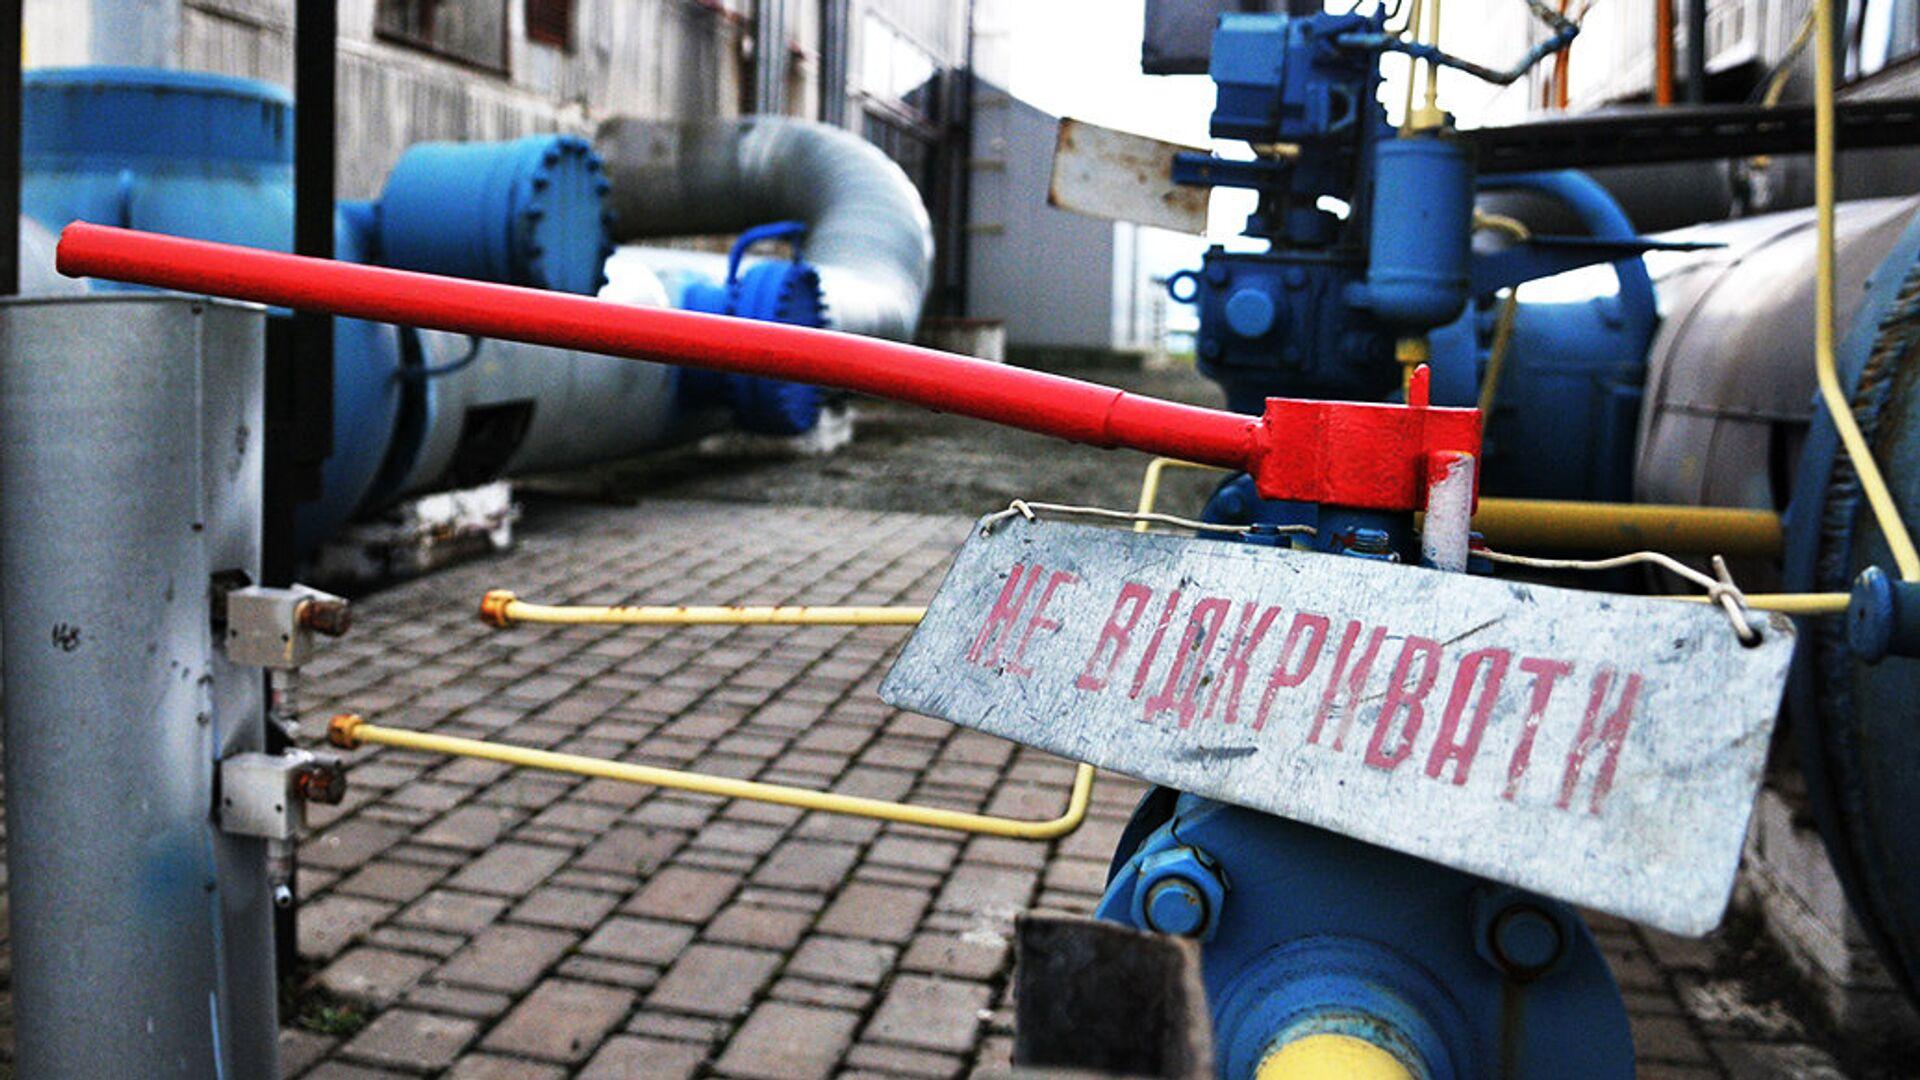 Газокомпрессорная станция в Закарпатской области Украины - РИА Новости, 1920, 23.07.2021